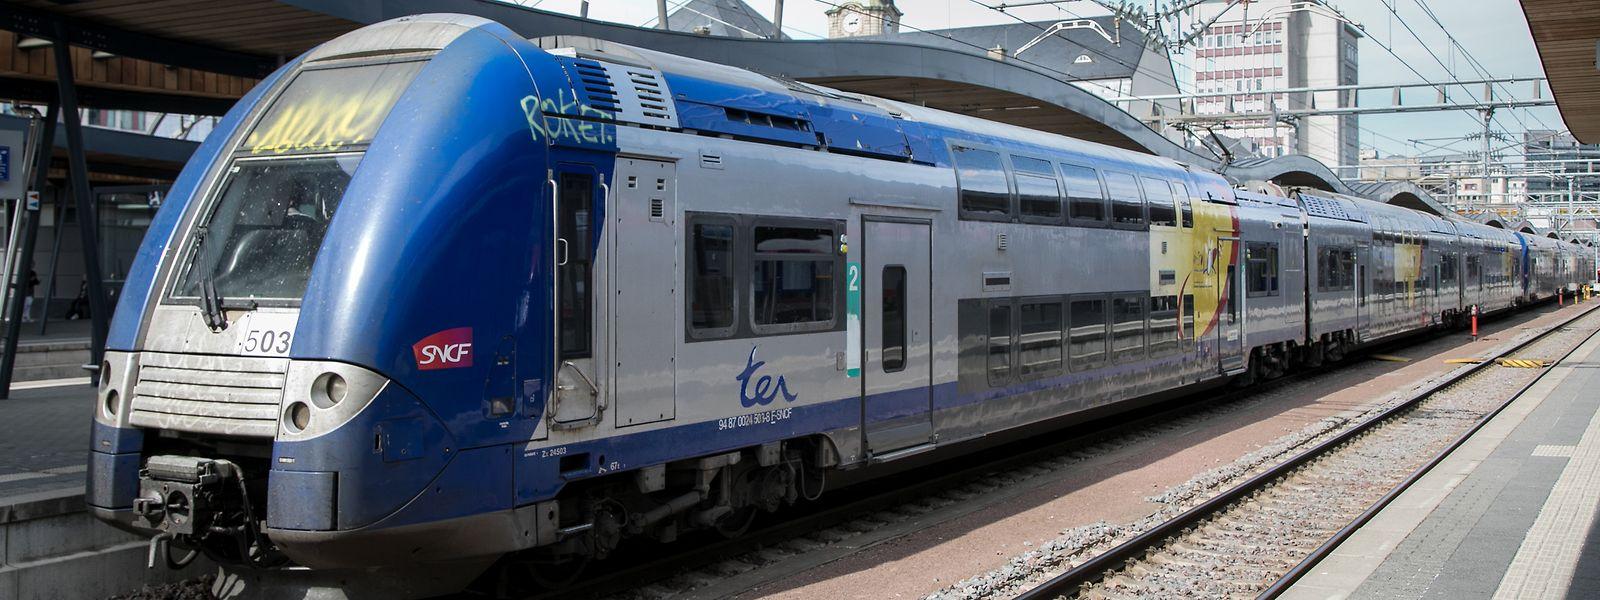 Les trains n'arriveront pas forcément à l'heure, mais ils reviendront moins cher aux frontaliers qui les empruntent.